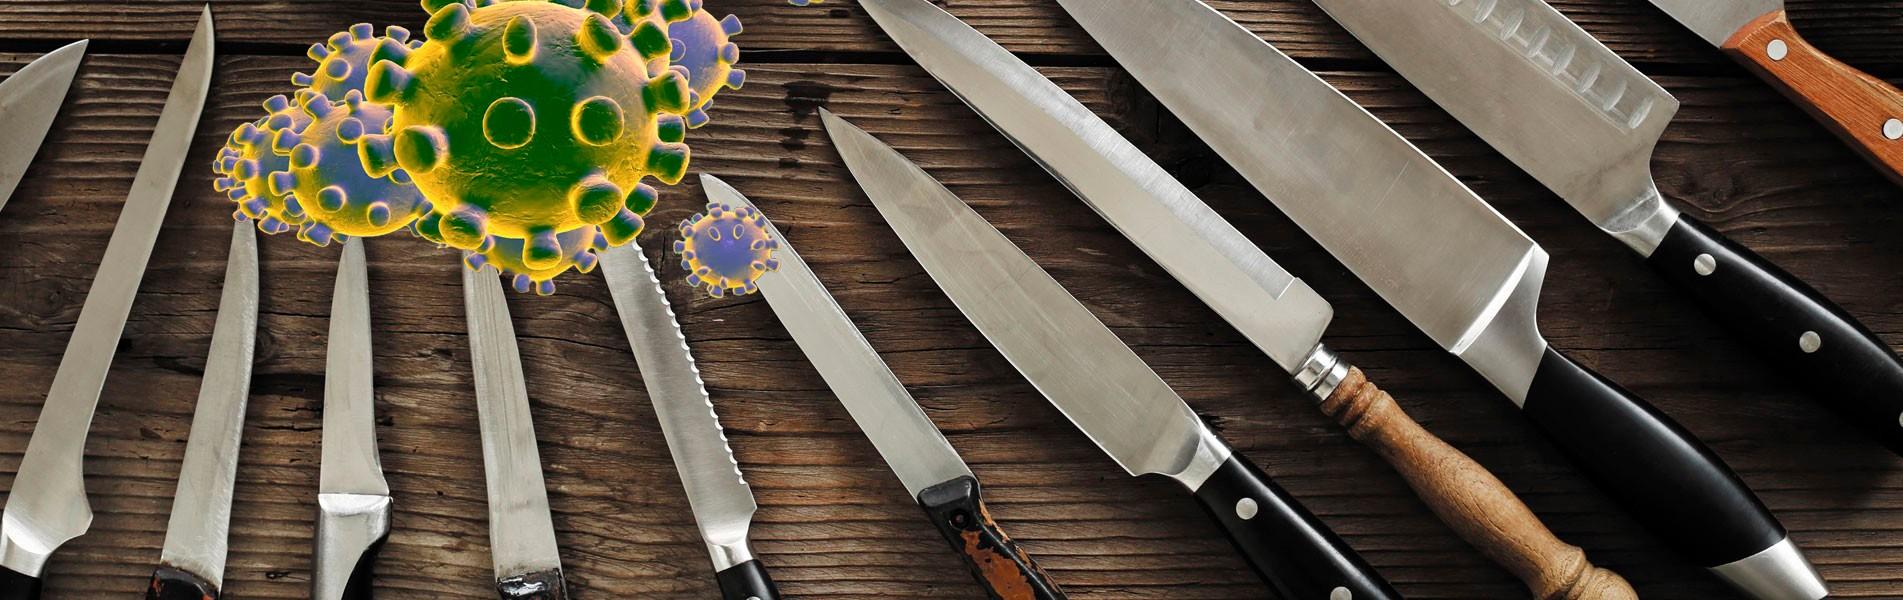 CuchillosNavajas contra el CoronaVirus